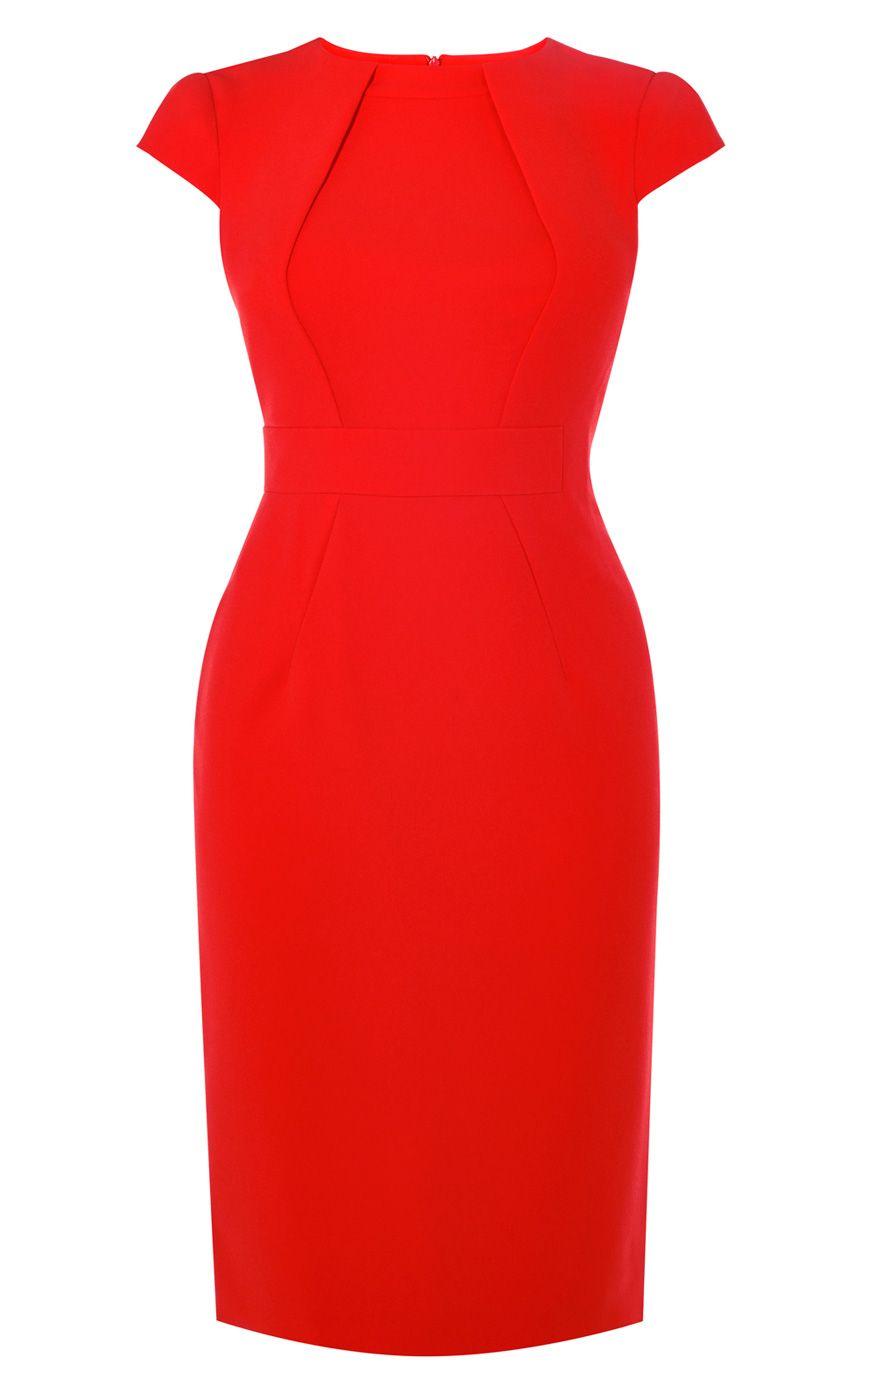 Red Pencil Dress | Karen Millen (DY114) | LookBook | Pinterest ...